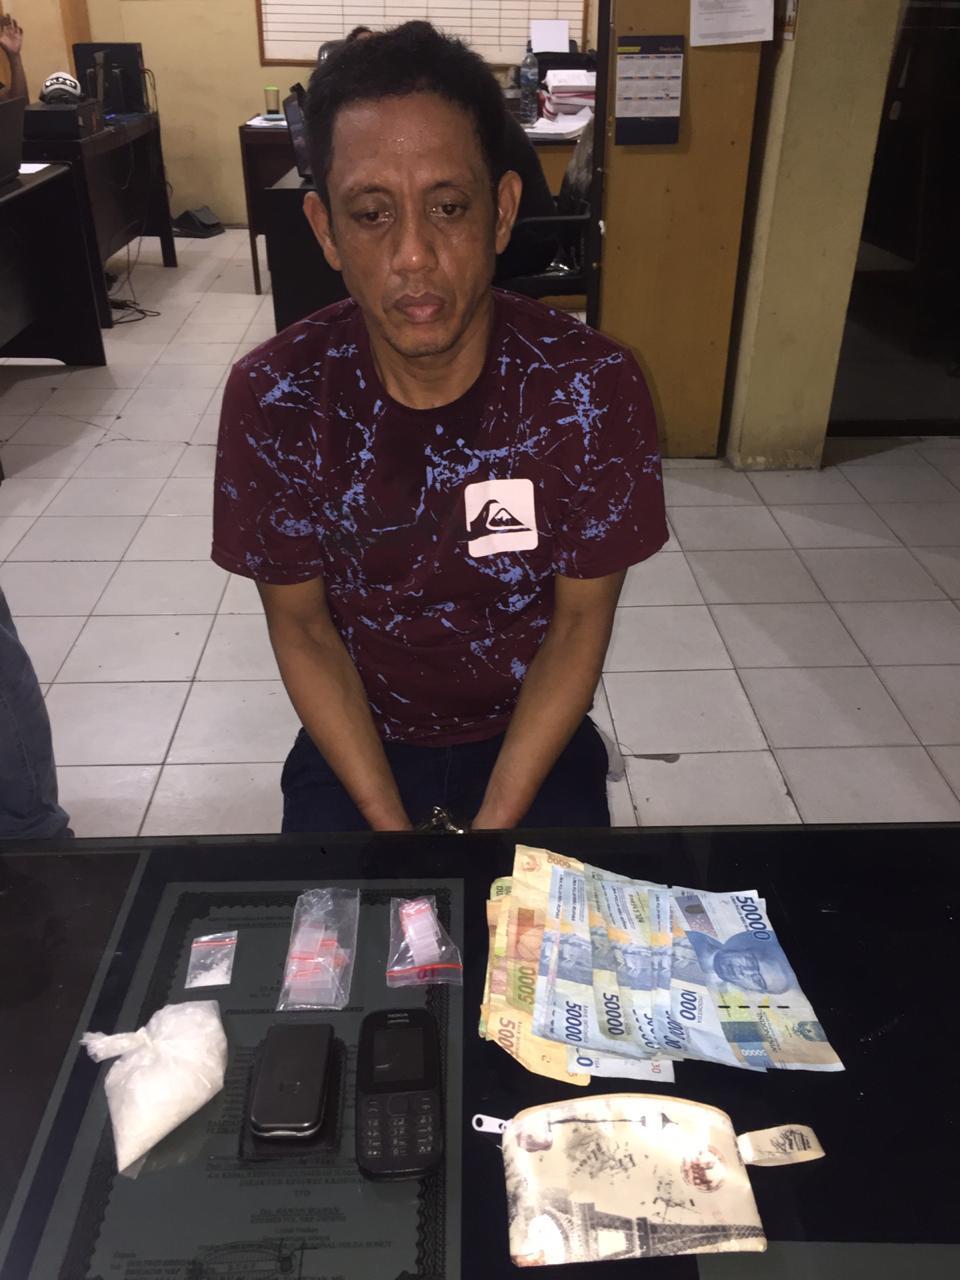 (Ignatius Siagian/taslabnews)  Tersangka Saparuddin Tanjung alias Sapar berikut barang buktinya saat diamankan di Polres Tanjungbalai.